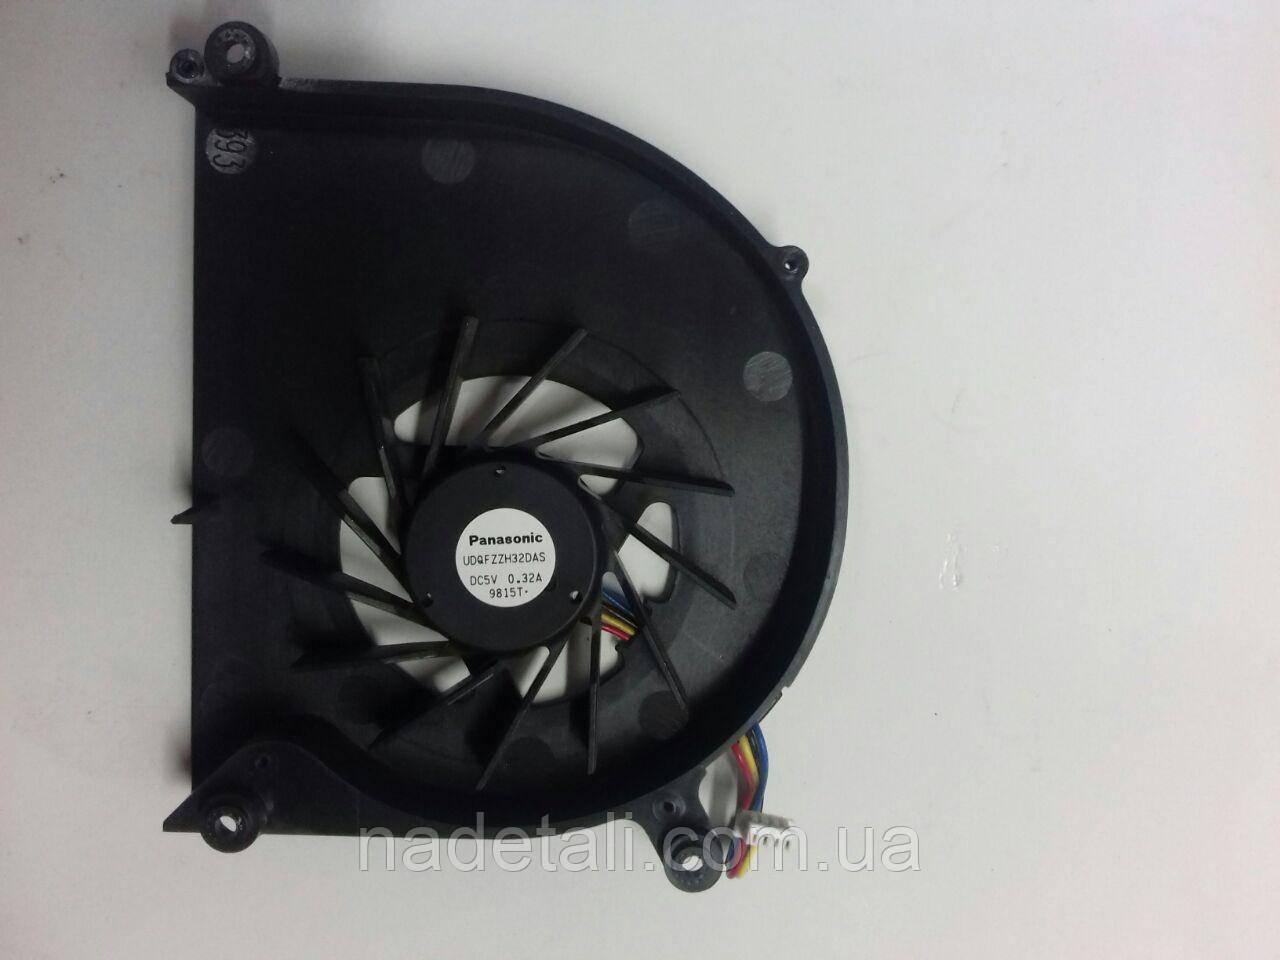 Вентилятор Asus X5EA  UDQFZZH32DAS